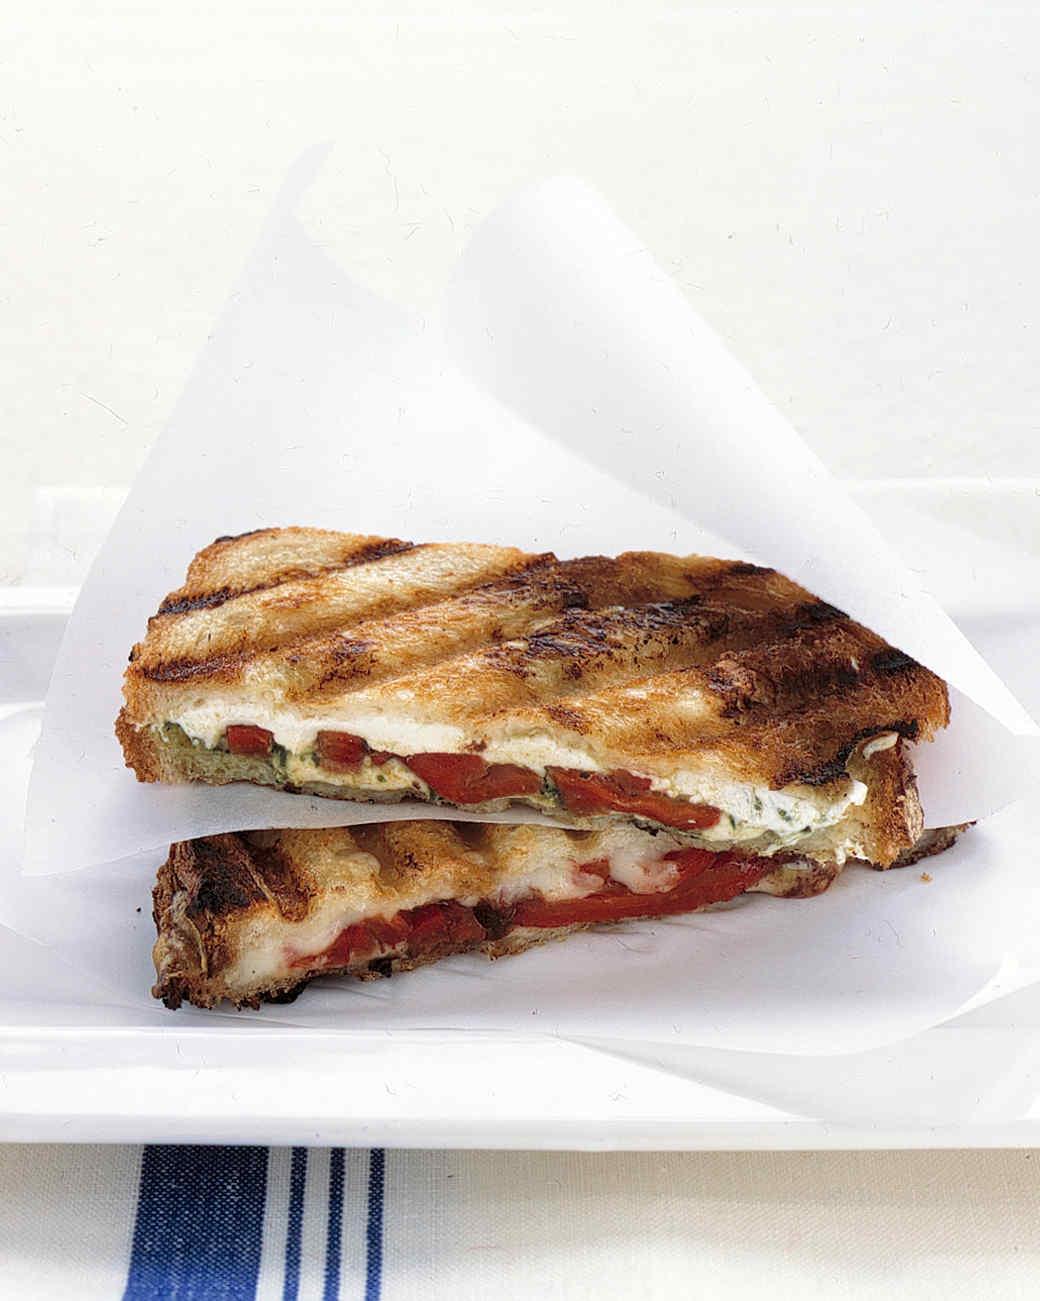 Pressed Mozzarella Sandwiches